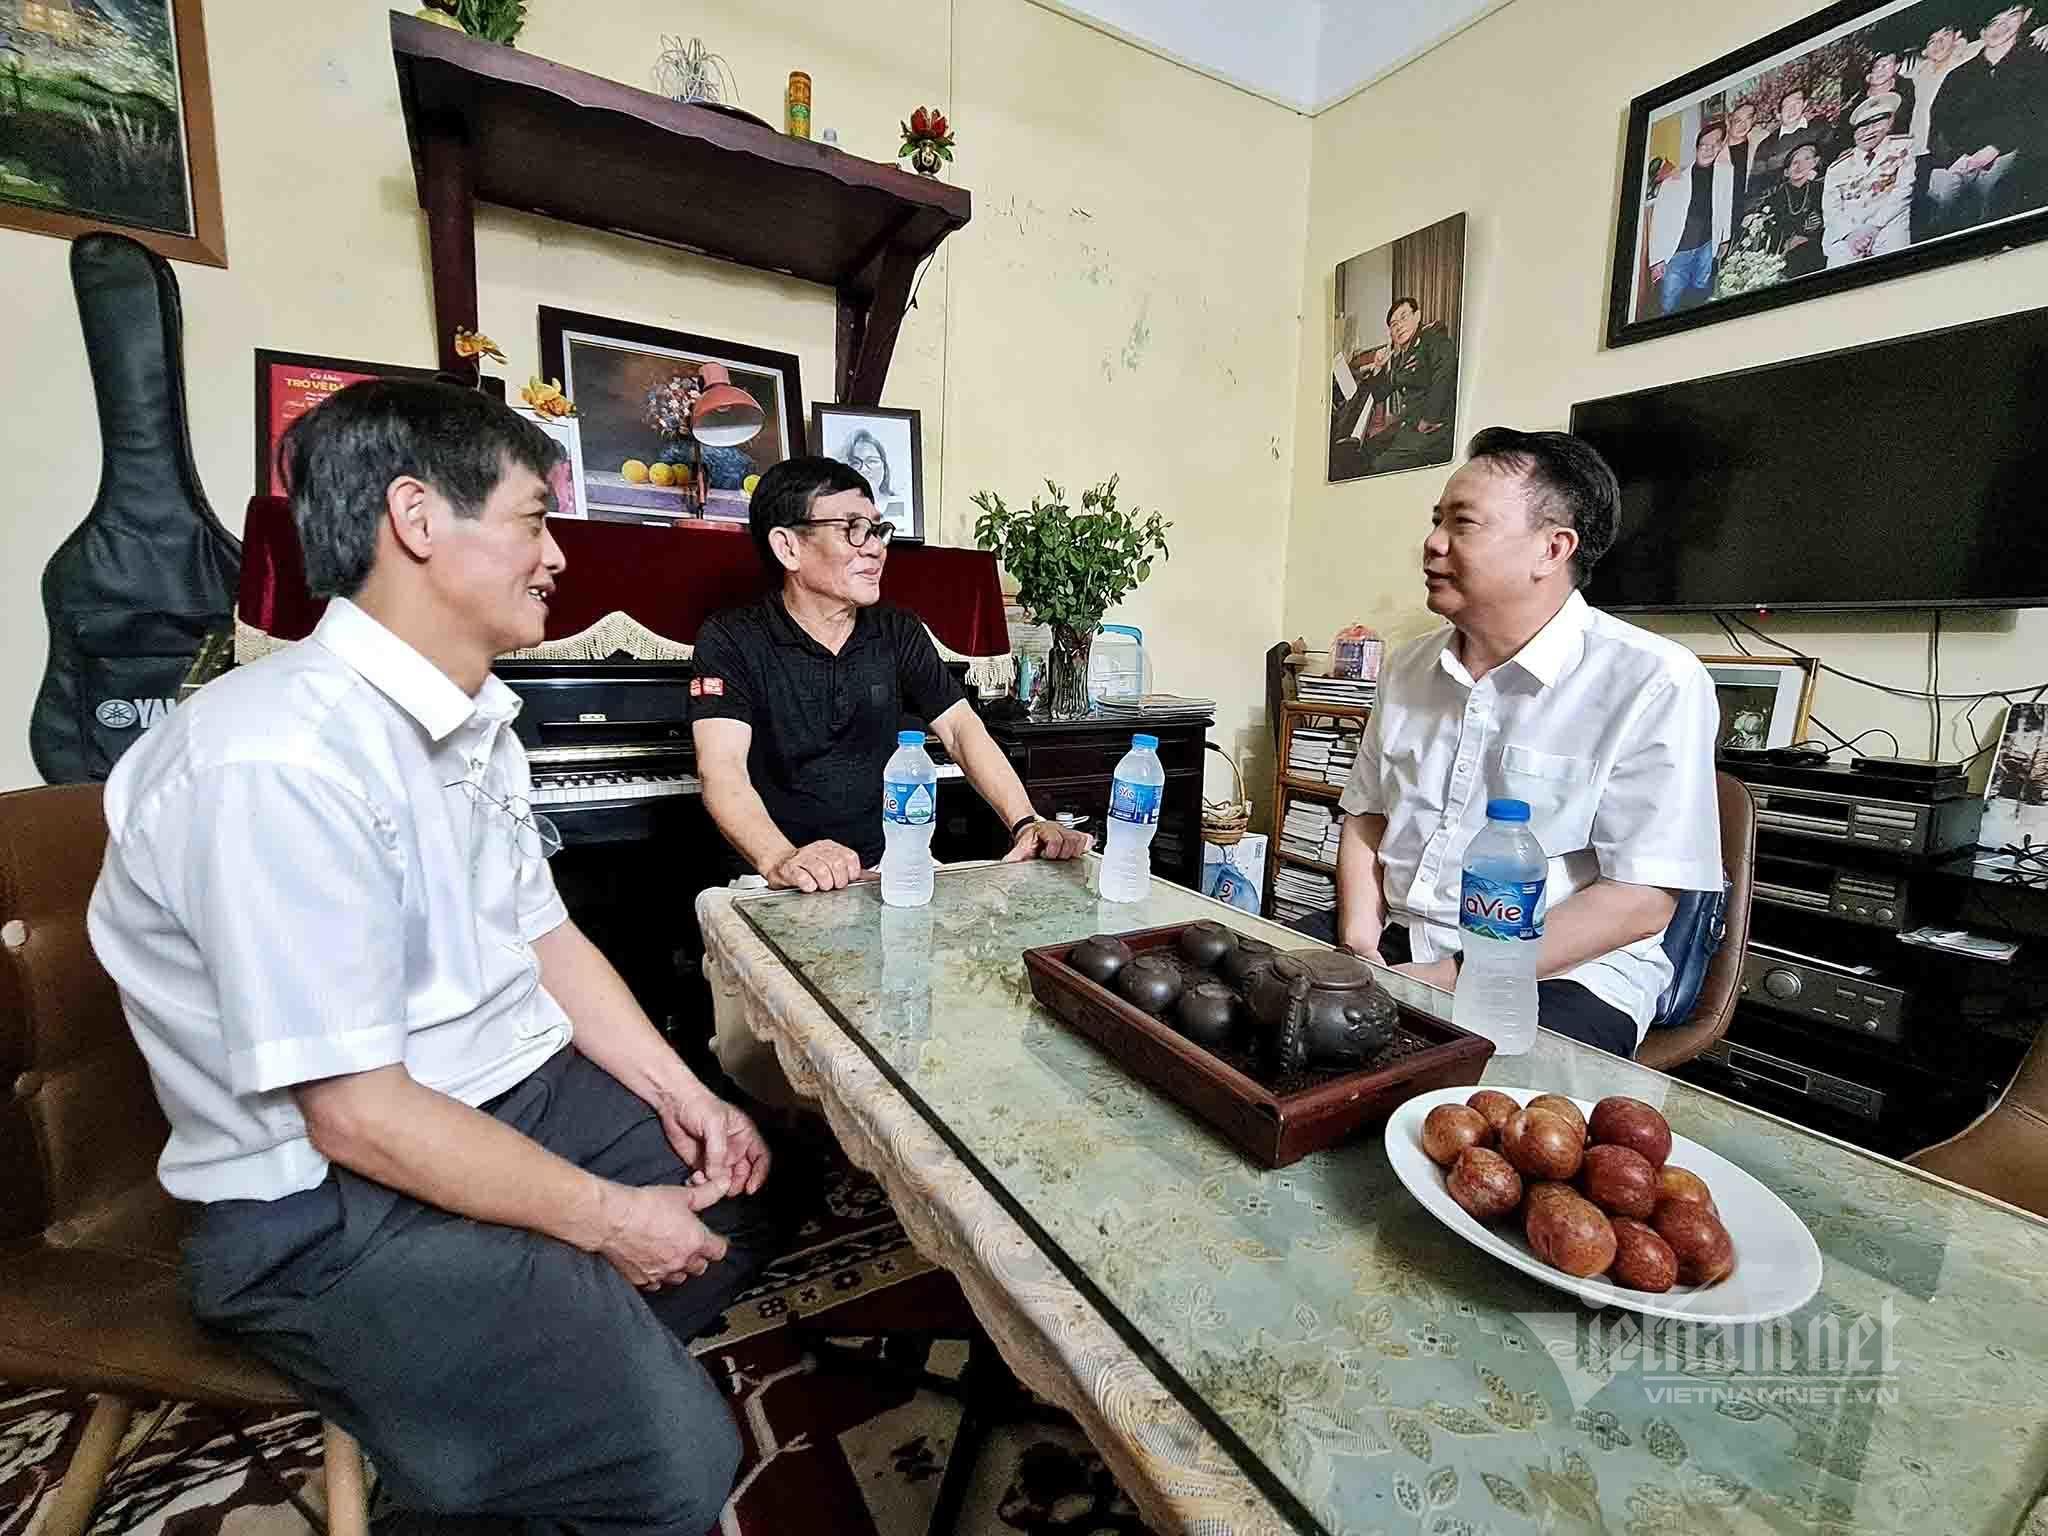 Cuộc điện thoại đặc biệt của Đại tướng Tô Lâm với vị nhạc sỹ gốc Hà Nội